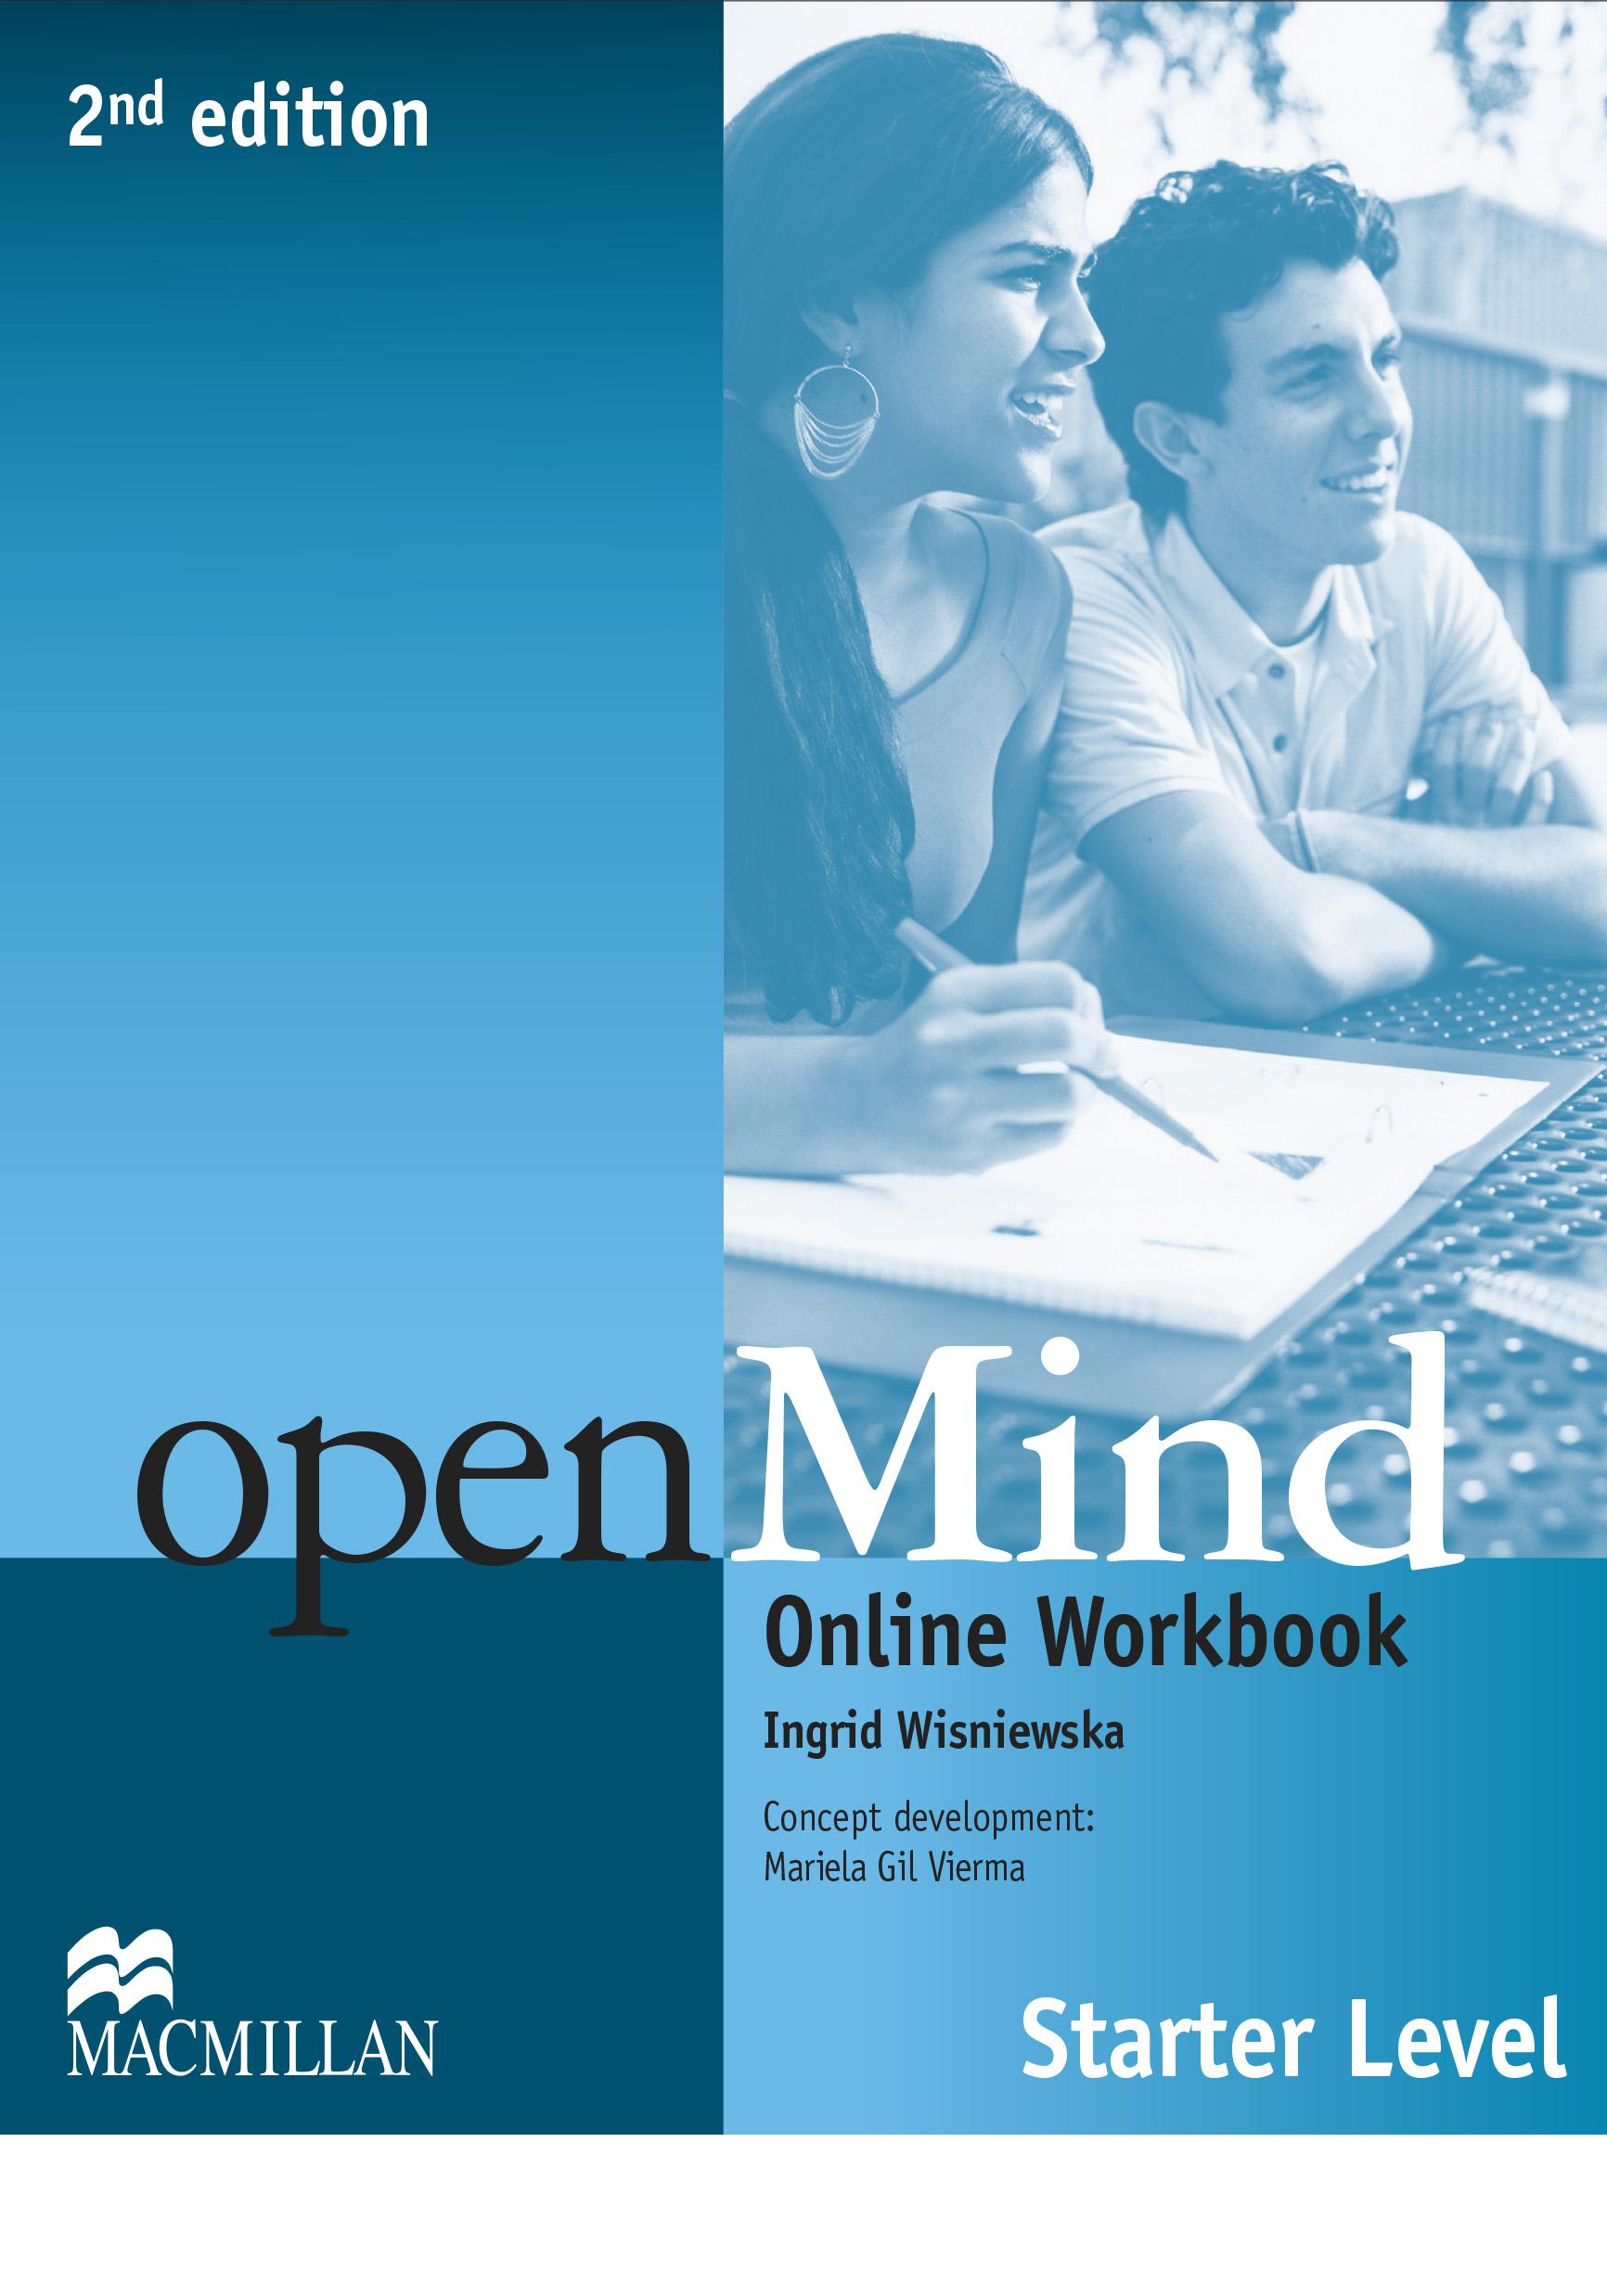 openMind 2nd Edition Starter Level Online Workbook